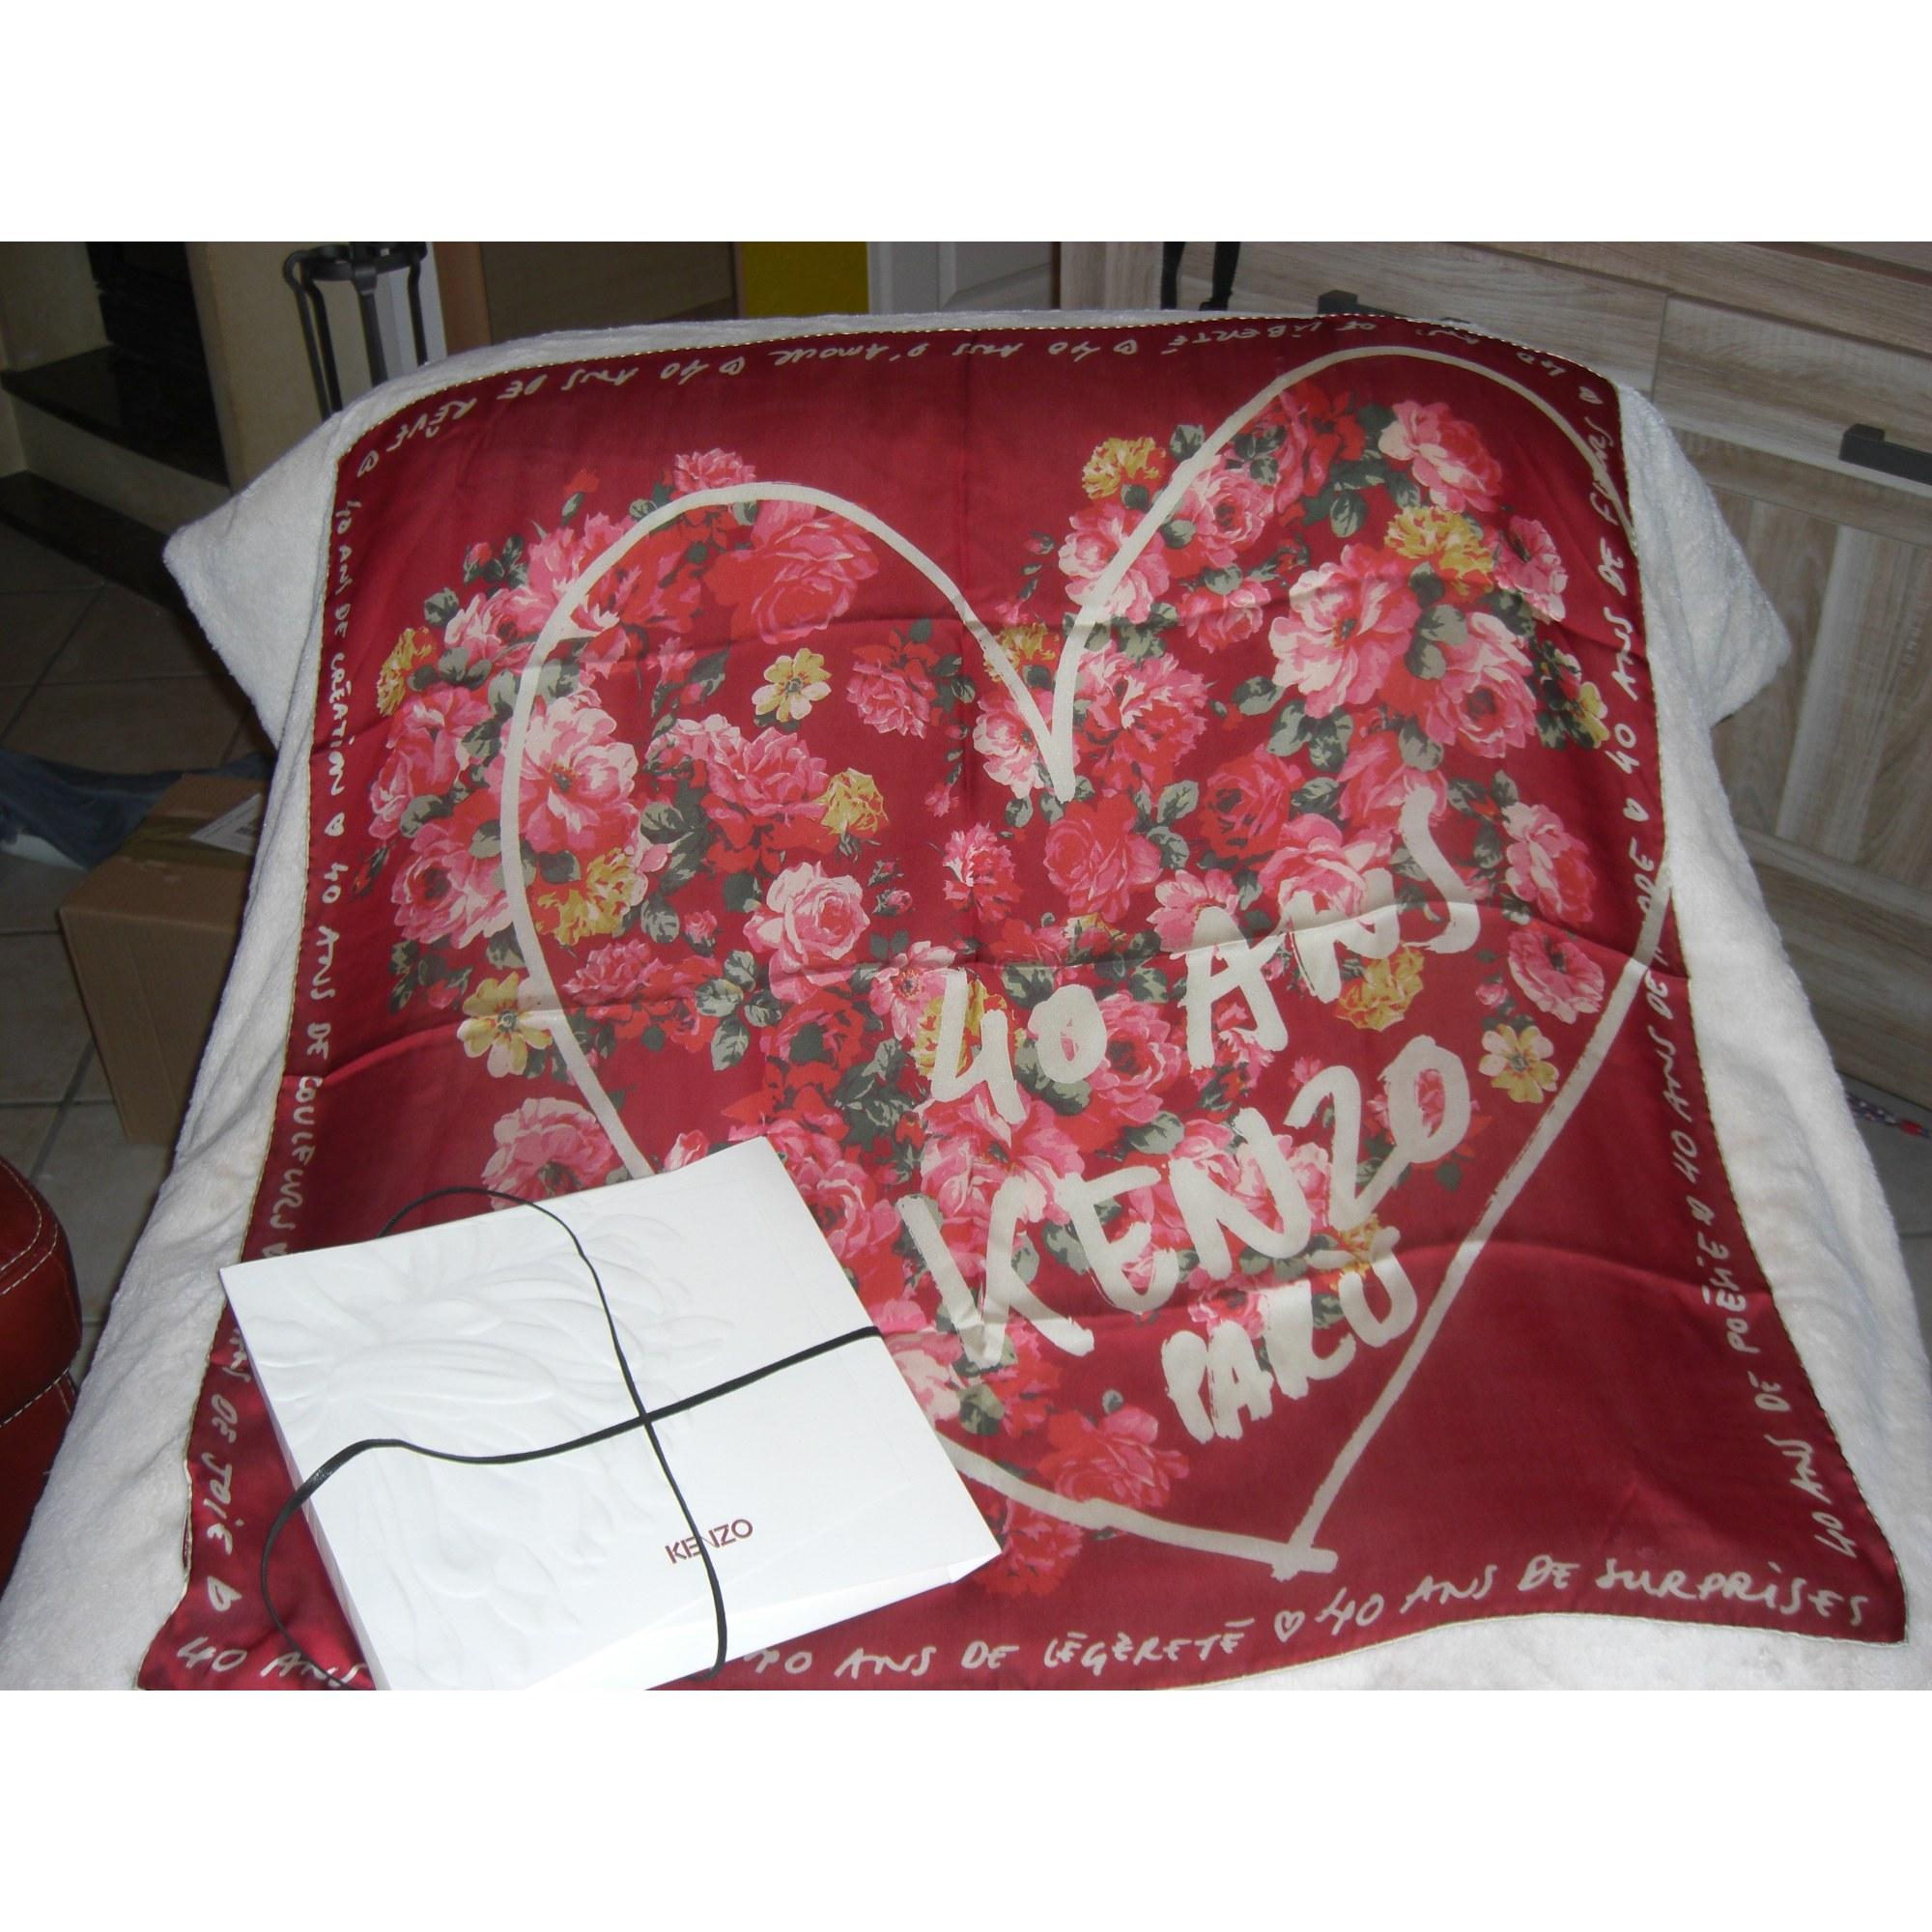 cb1d093d0346 Foulard KENZO rouge vendu par Casalook5250625 - 201419